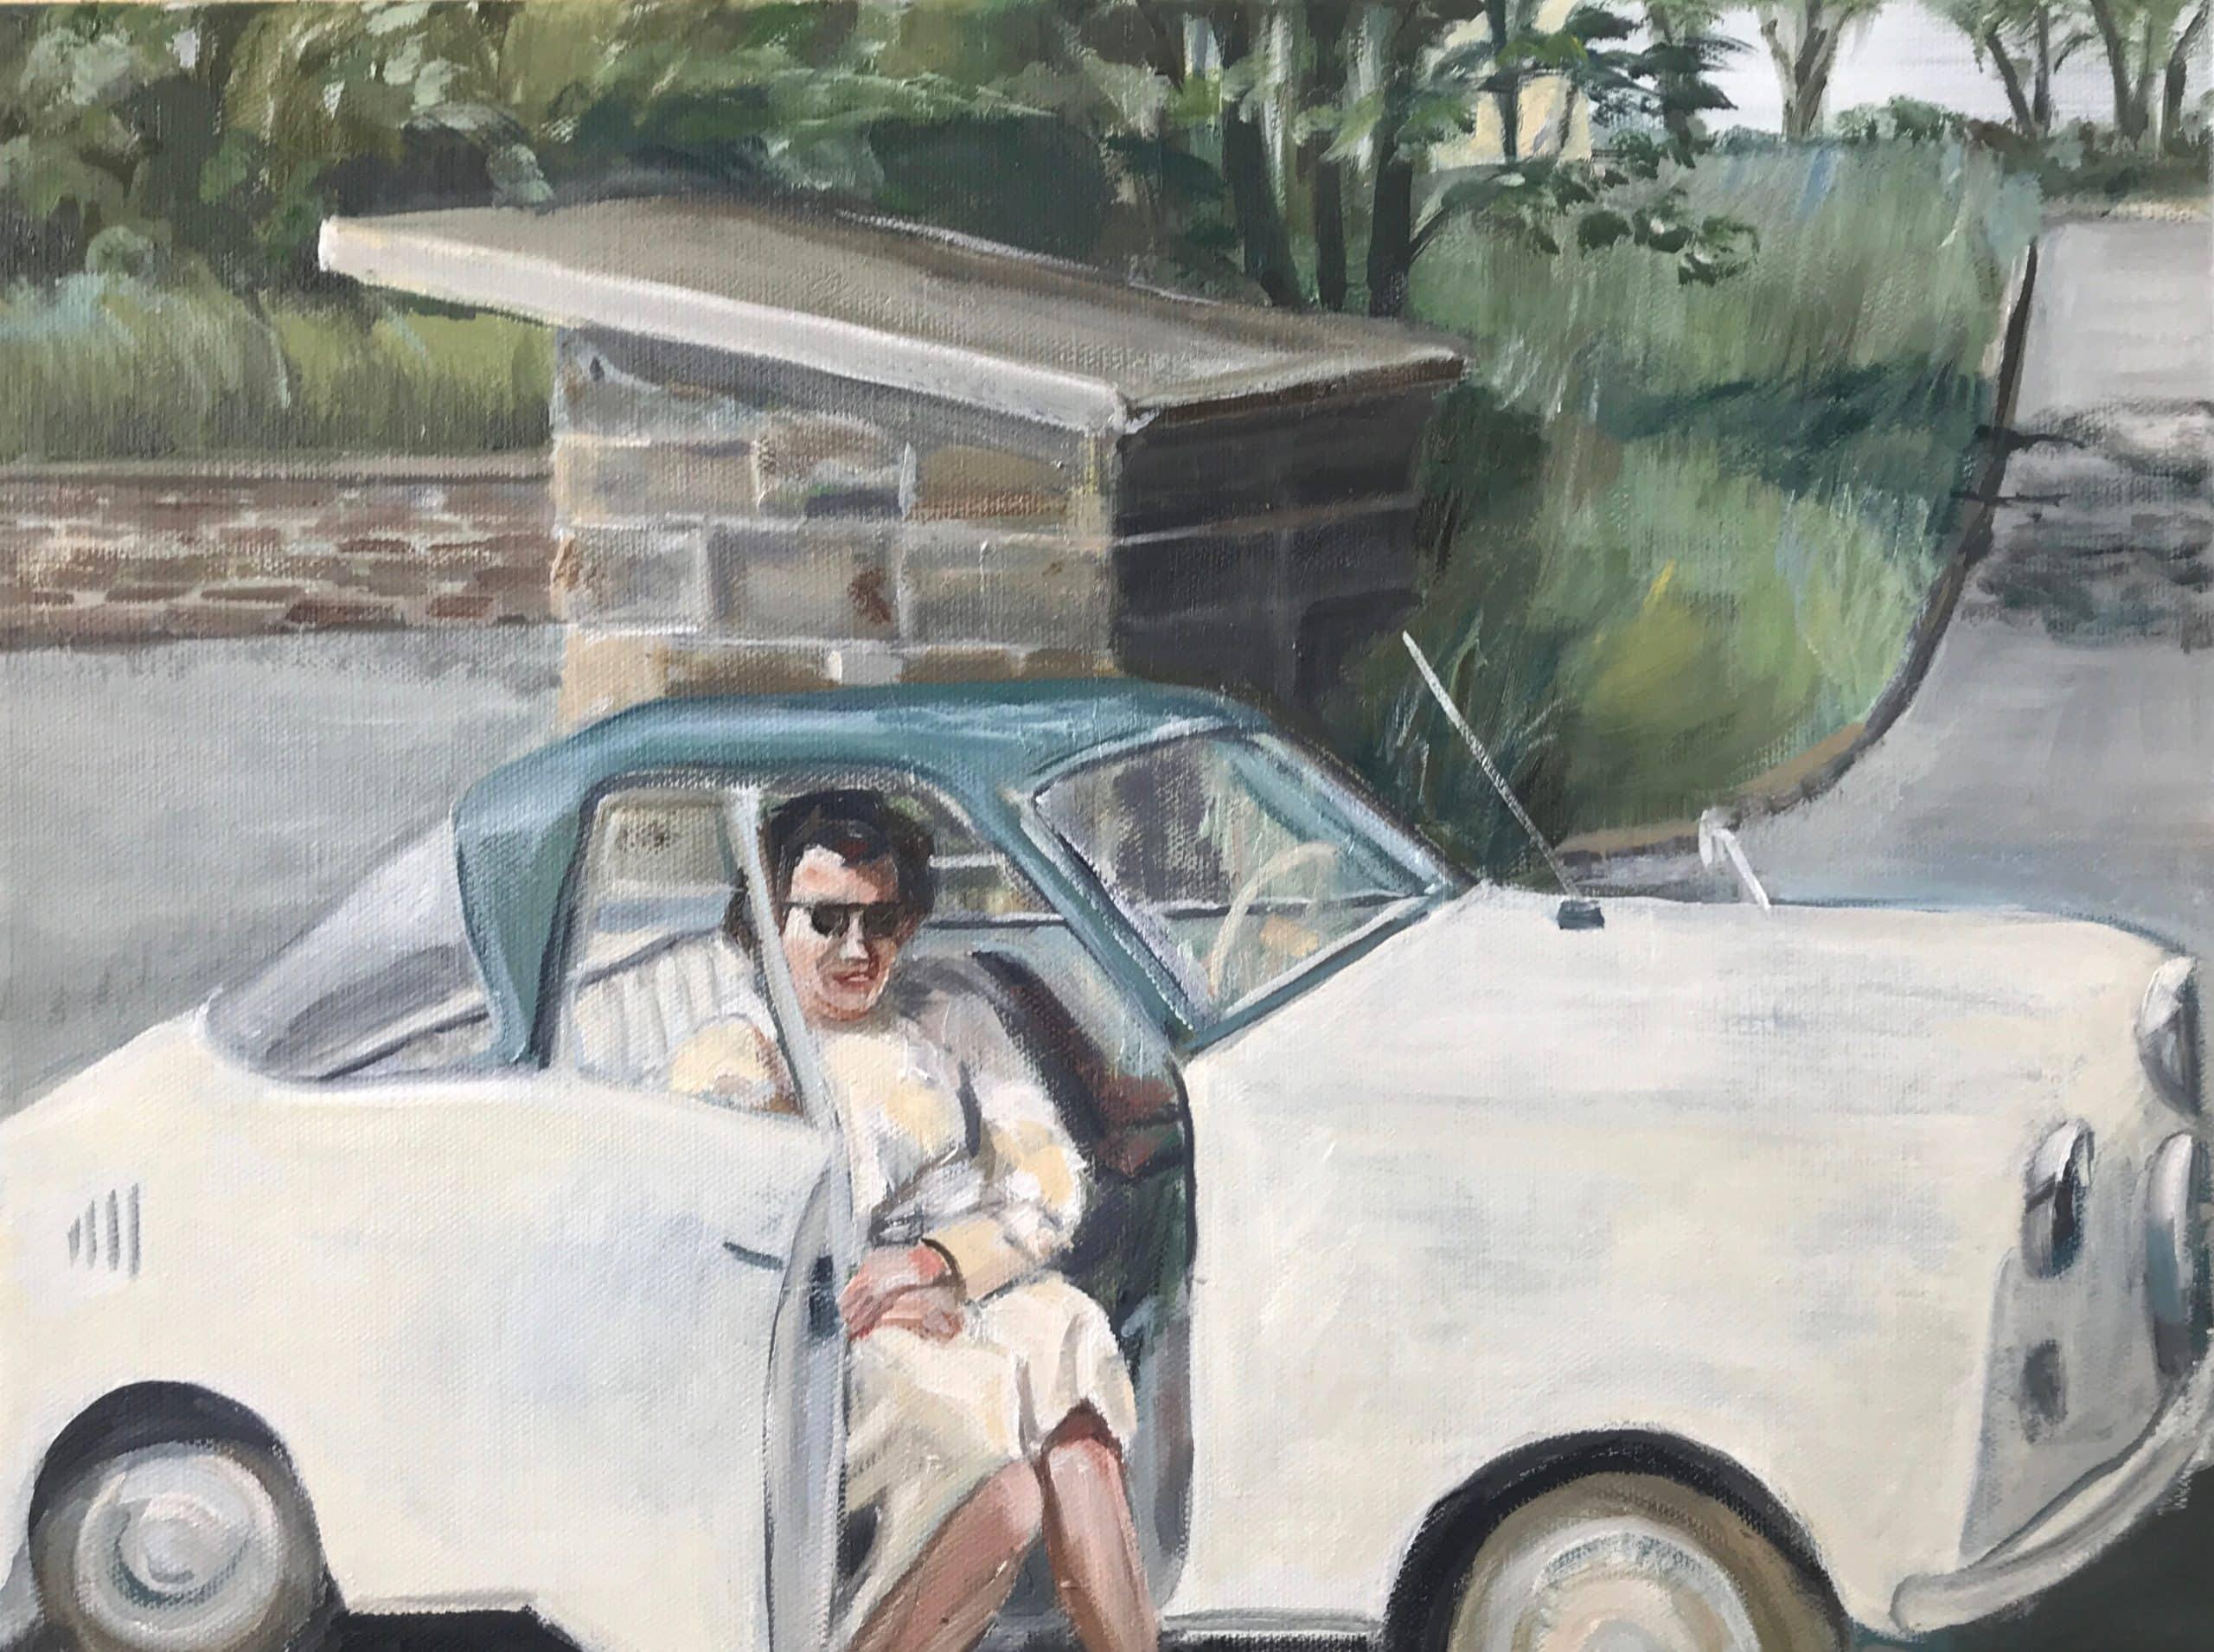 Wochenend und Sonnenschein, 24x30cm, Ölmalerei